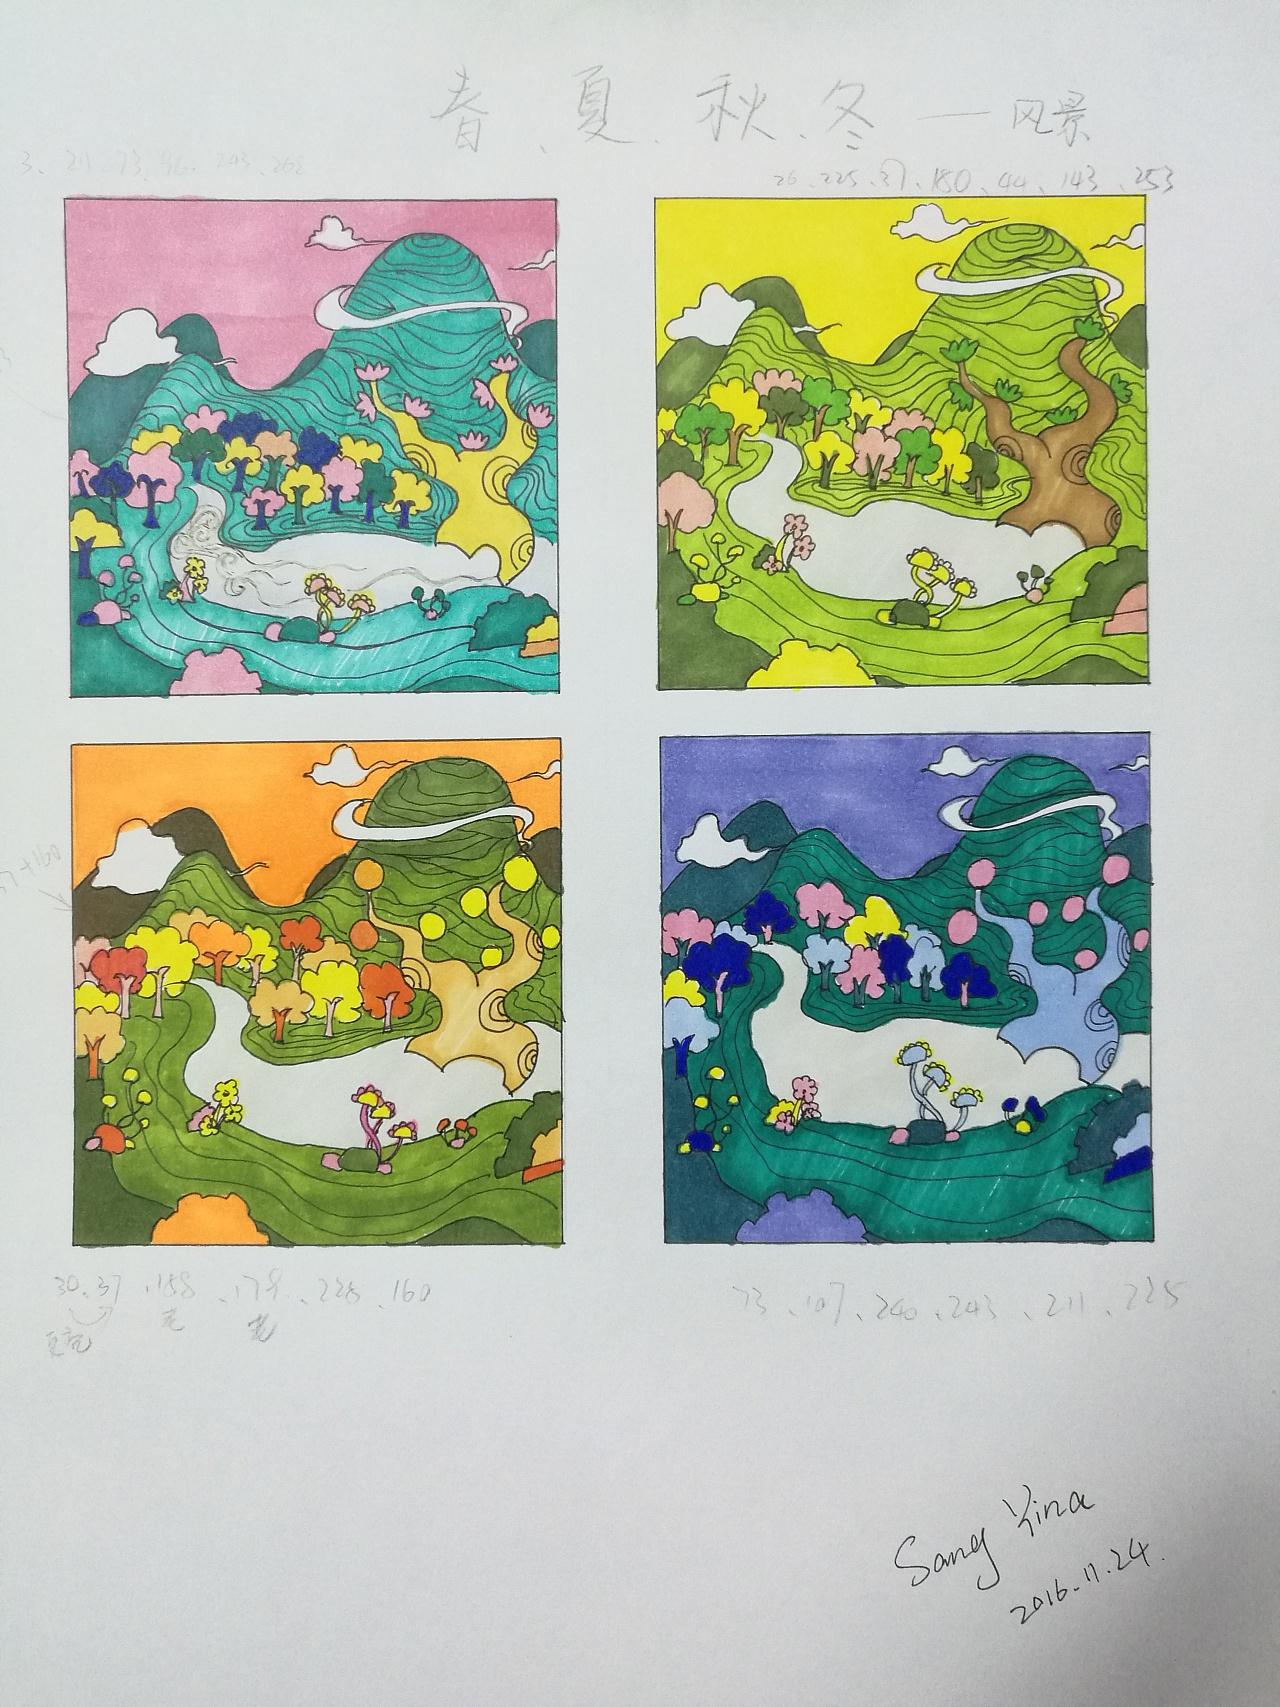 部分考研手绘作品视觉传达专业